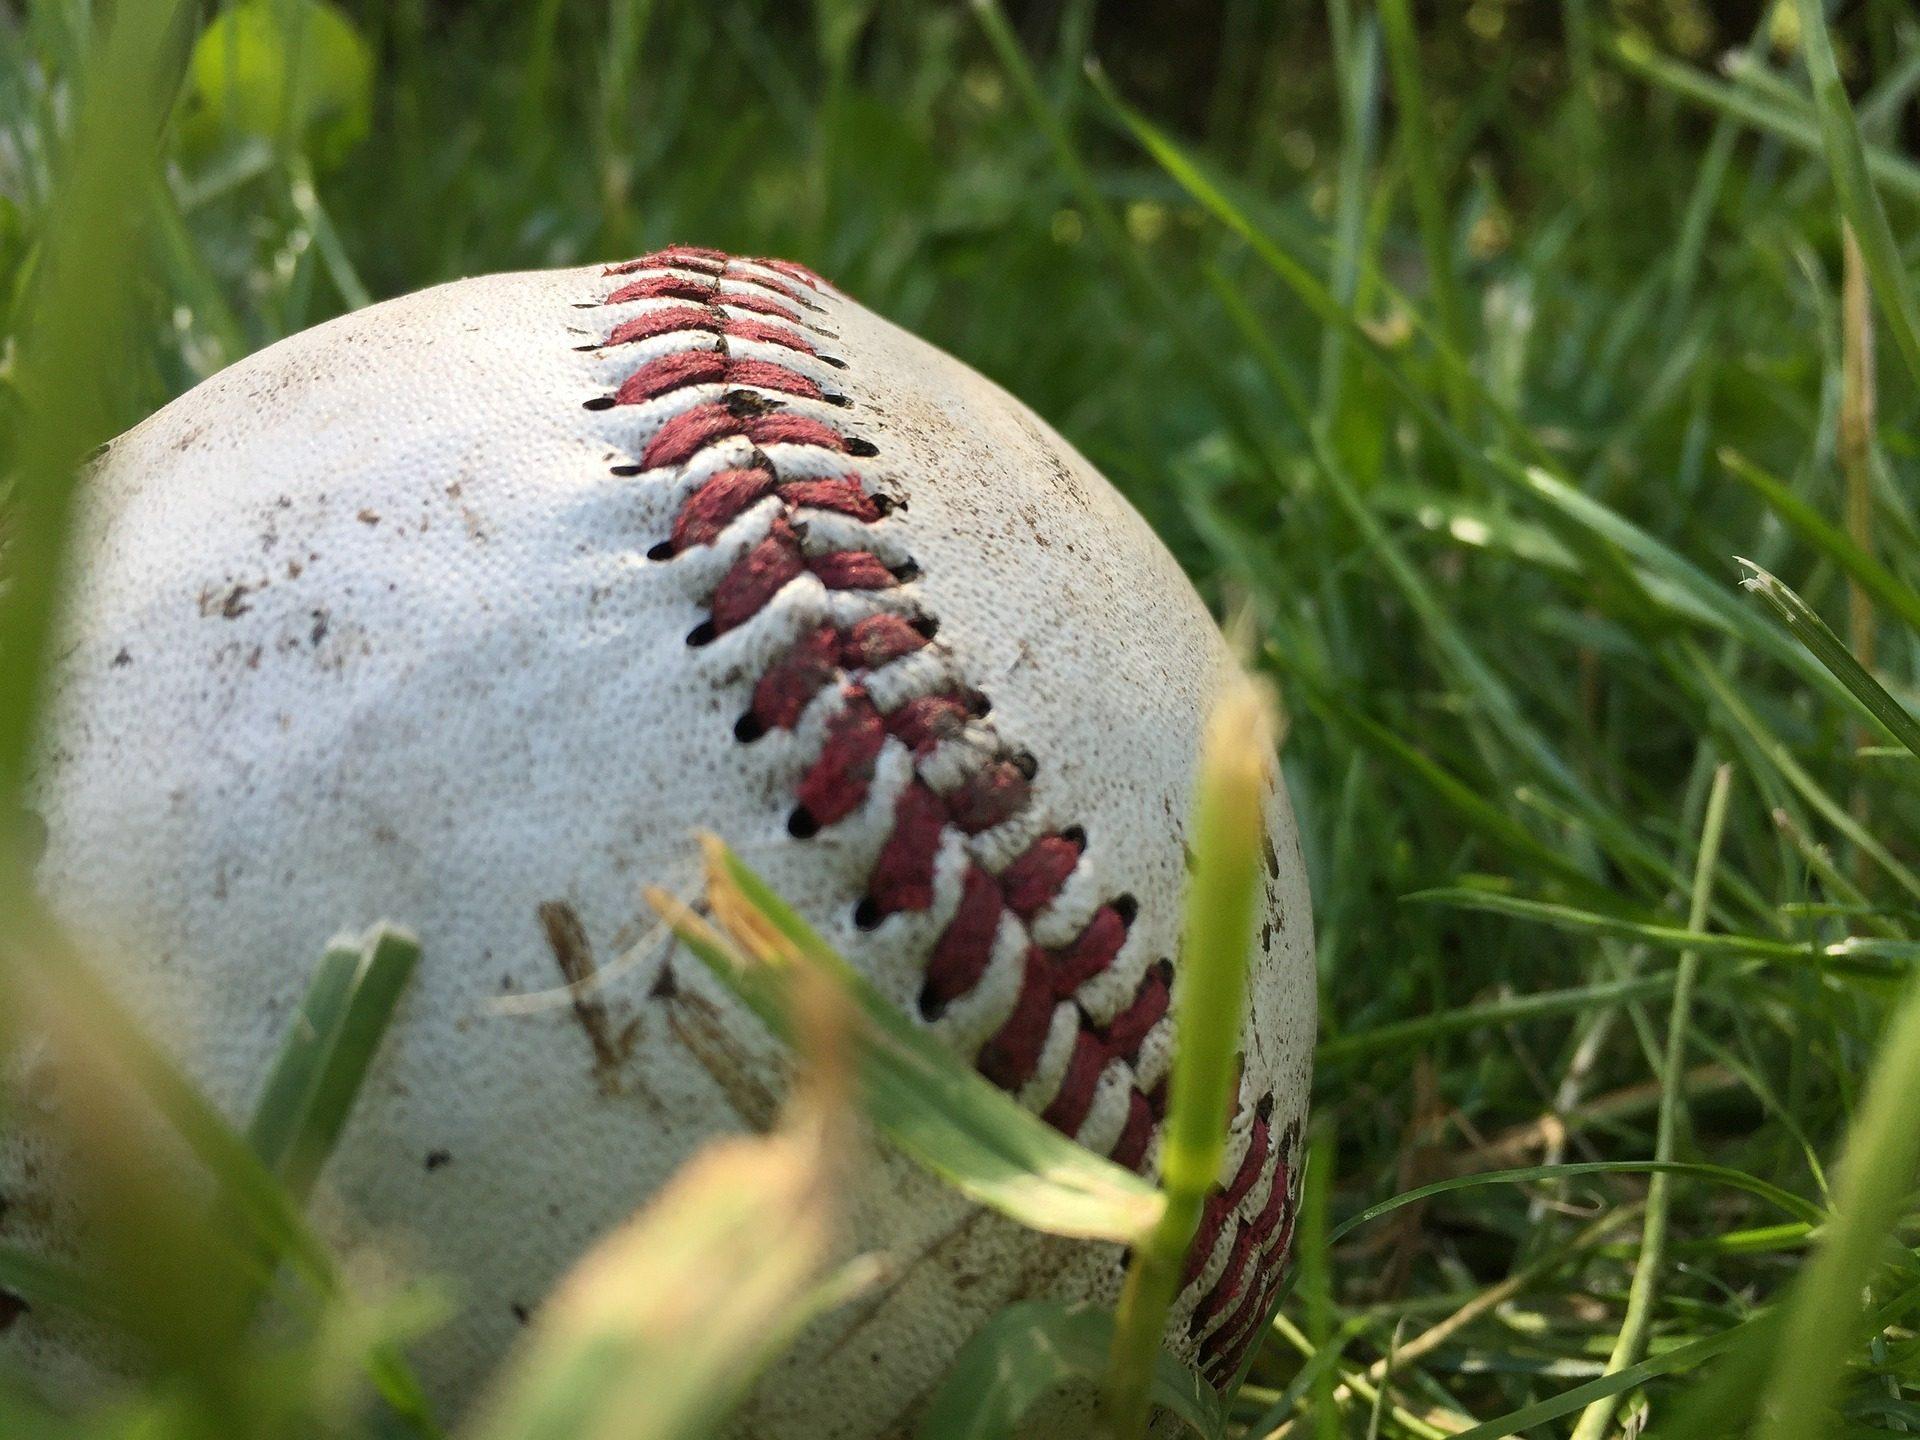 bola, palla, Baseball, terreno, erba, campo - Sfondi HD - Professor-falken.com